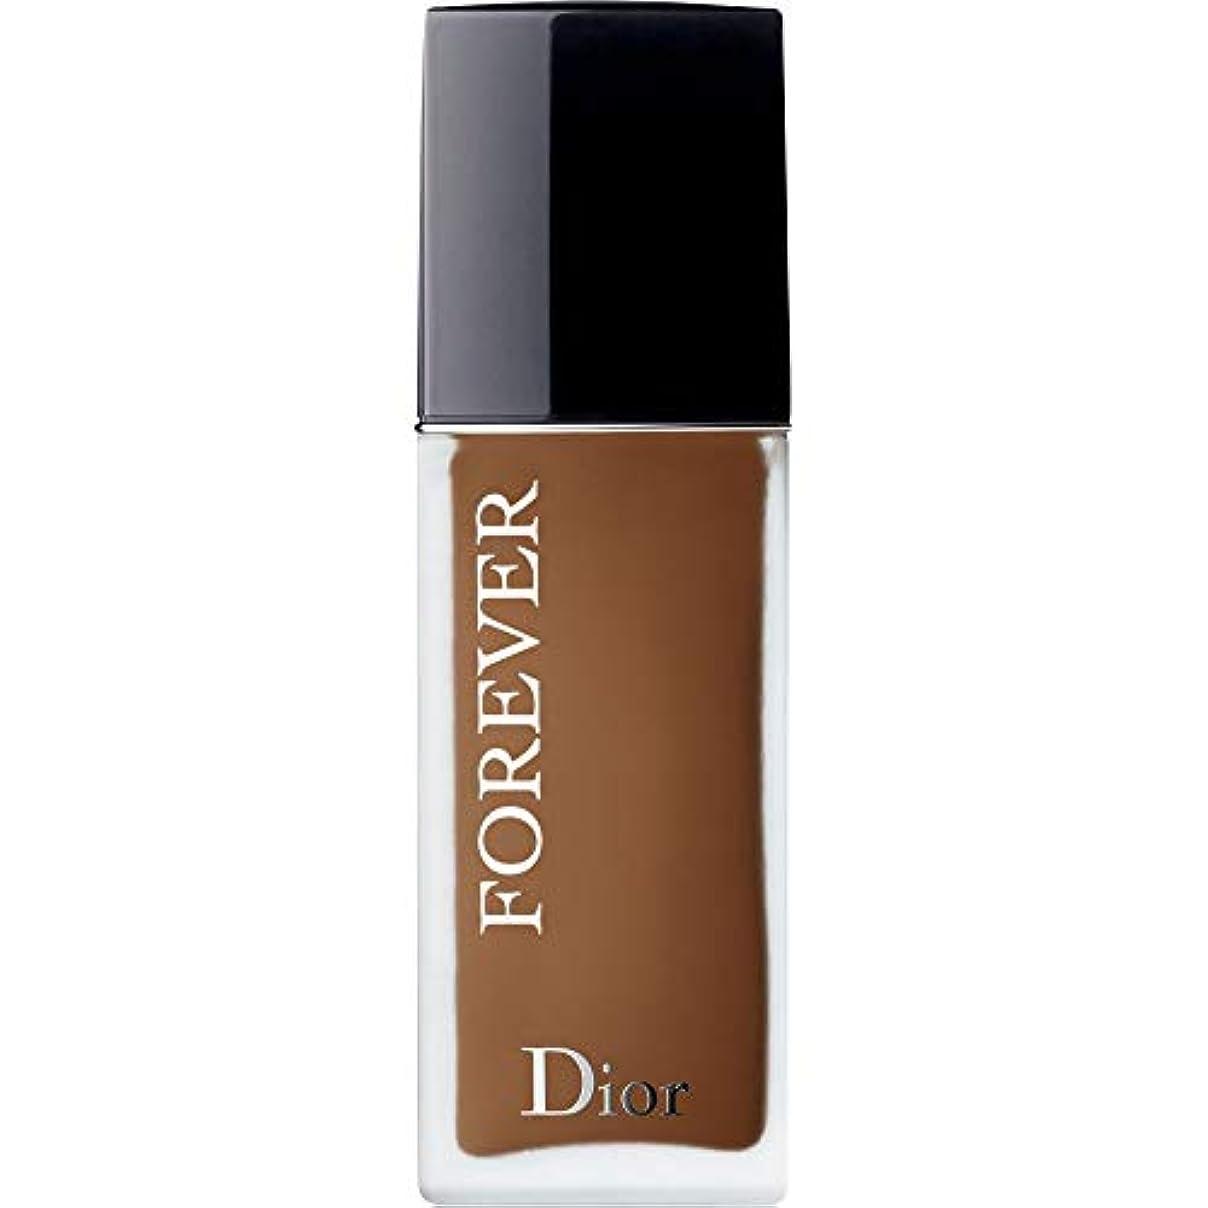 船尾暴君リマ[Dior ] ディオール永遠皮膚思いやりの基盤Spf35 30ミリリットルの7.5N - ニュートラル(つや消し) - DIOR Forever Skin-Caring Foundation SPF35 30ml 7.5N...